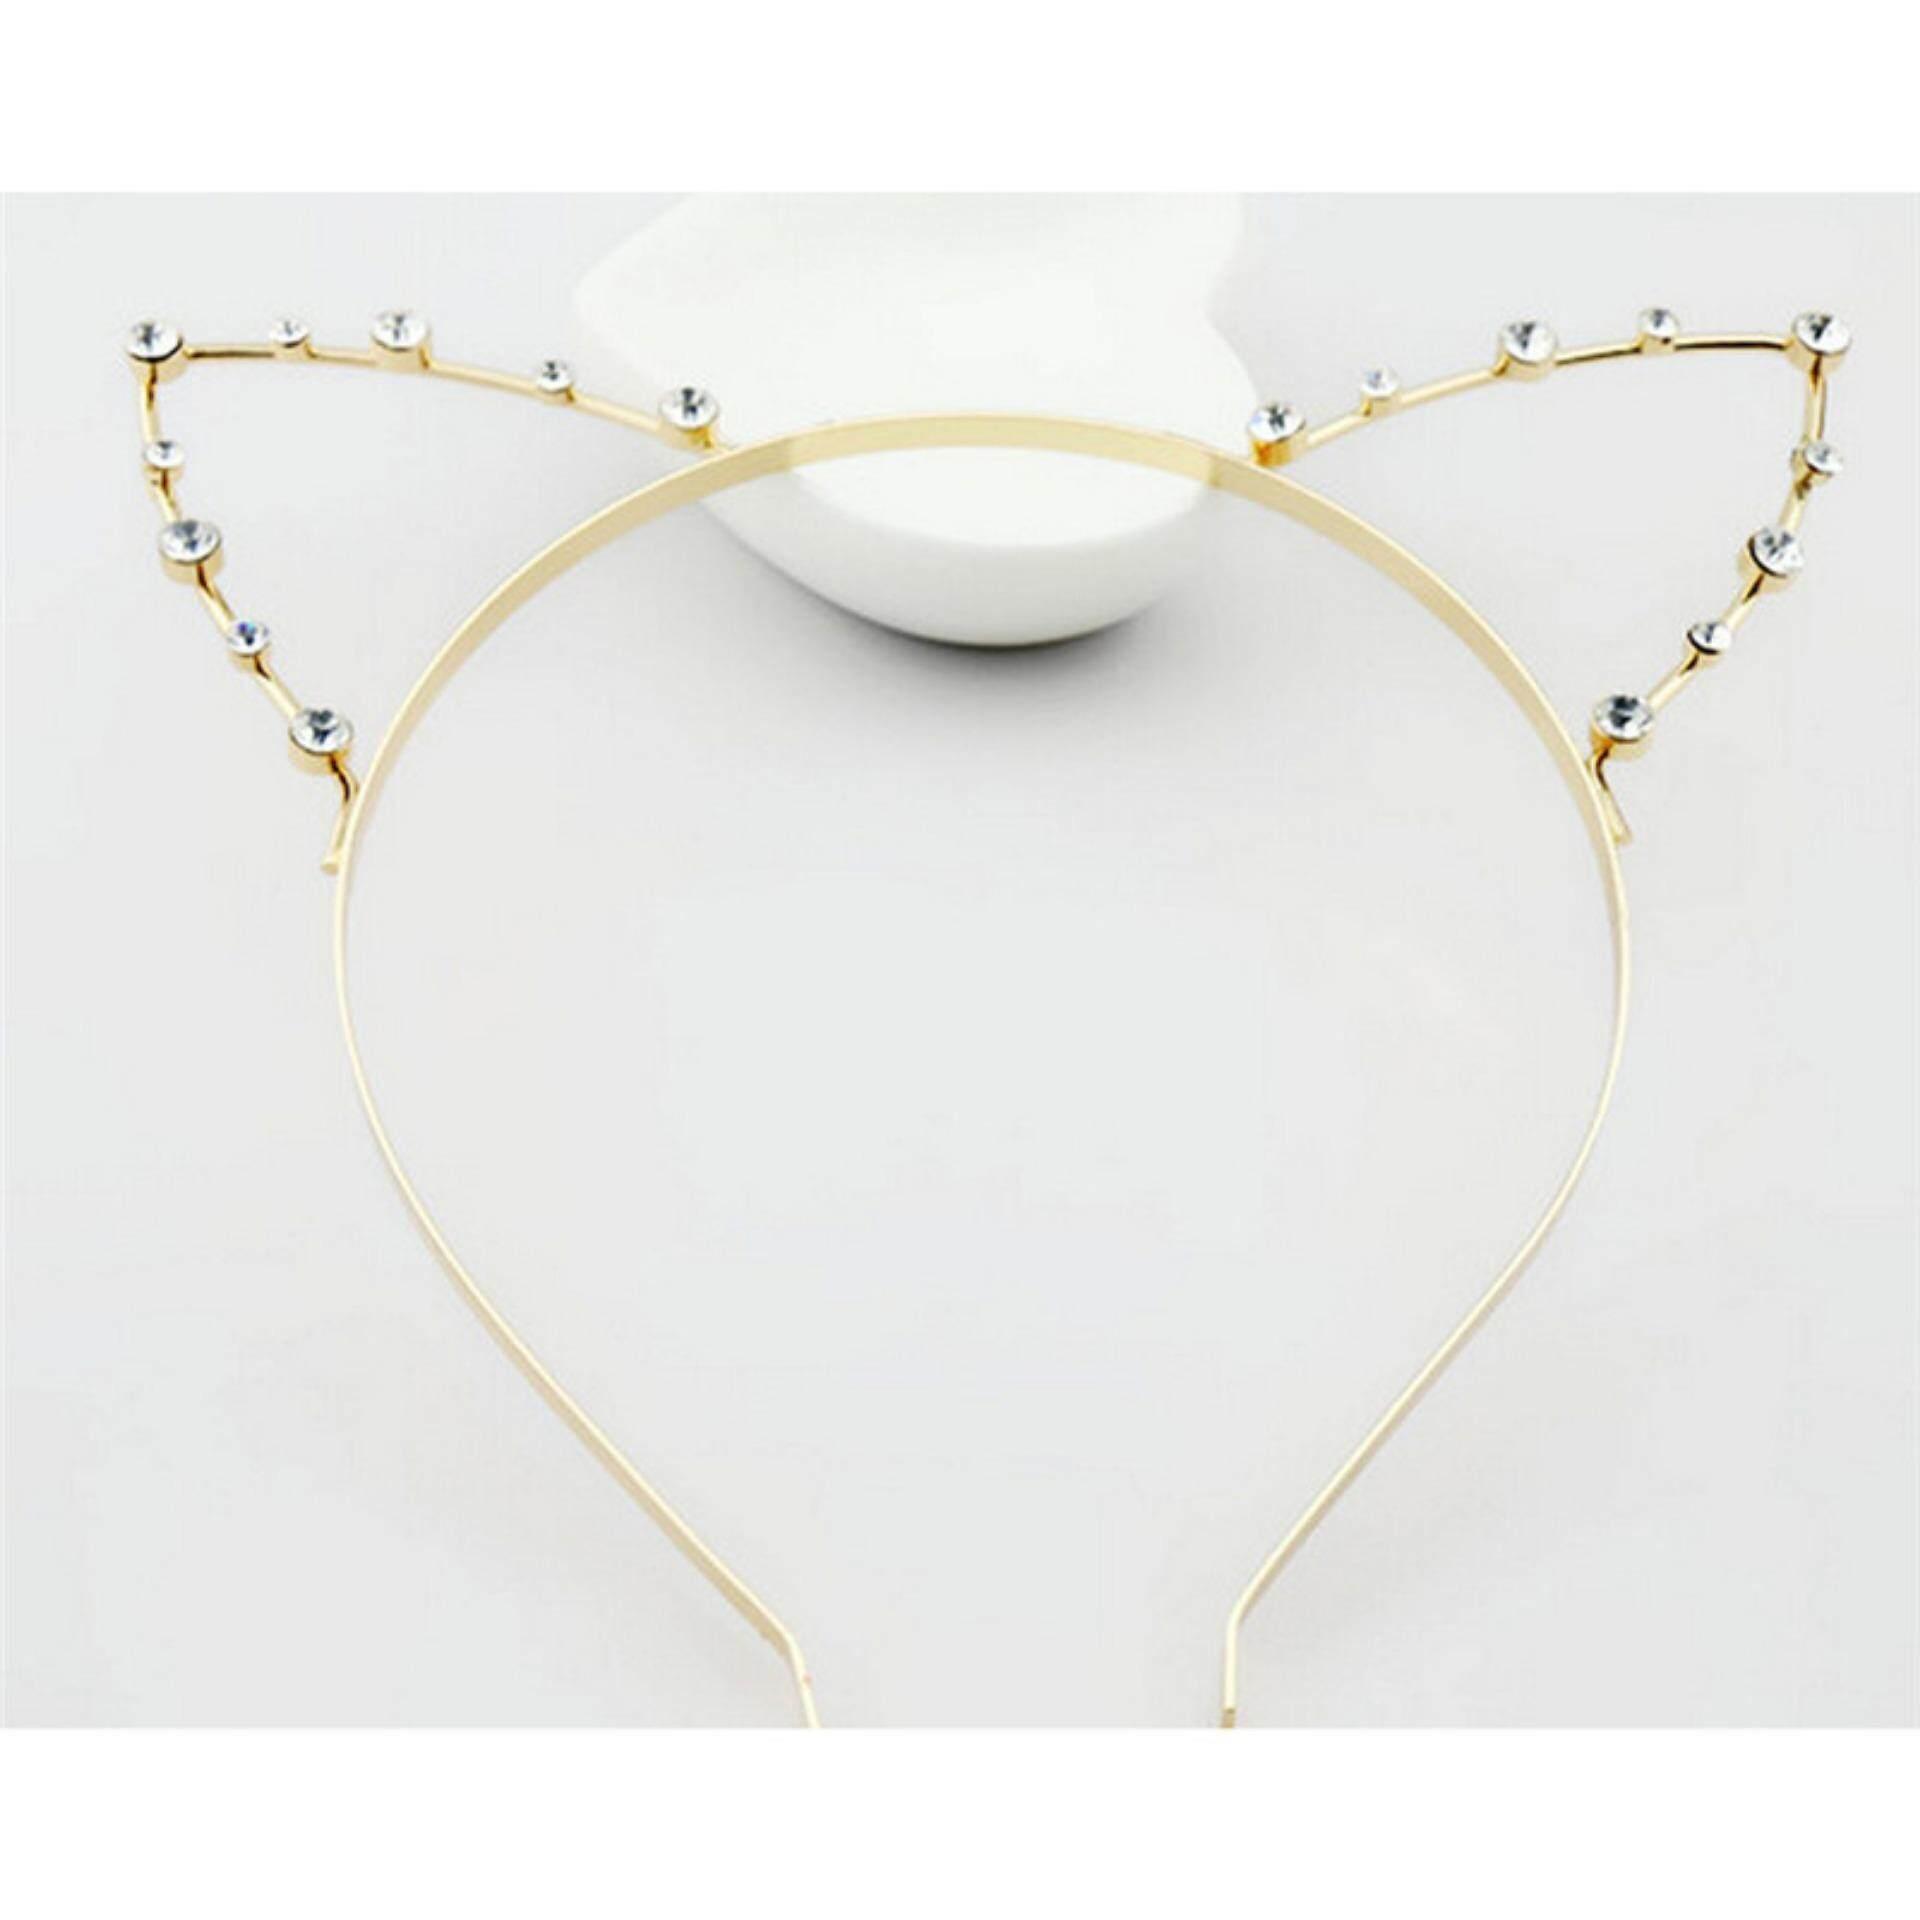 Metal Cat Ear Hair Accessories Lady Punk Rhinestone Cat Ears Head Wear Party Gold - intl